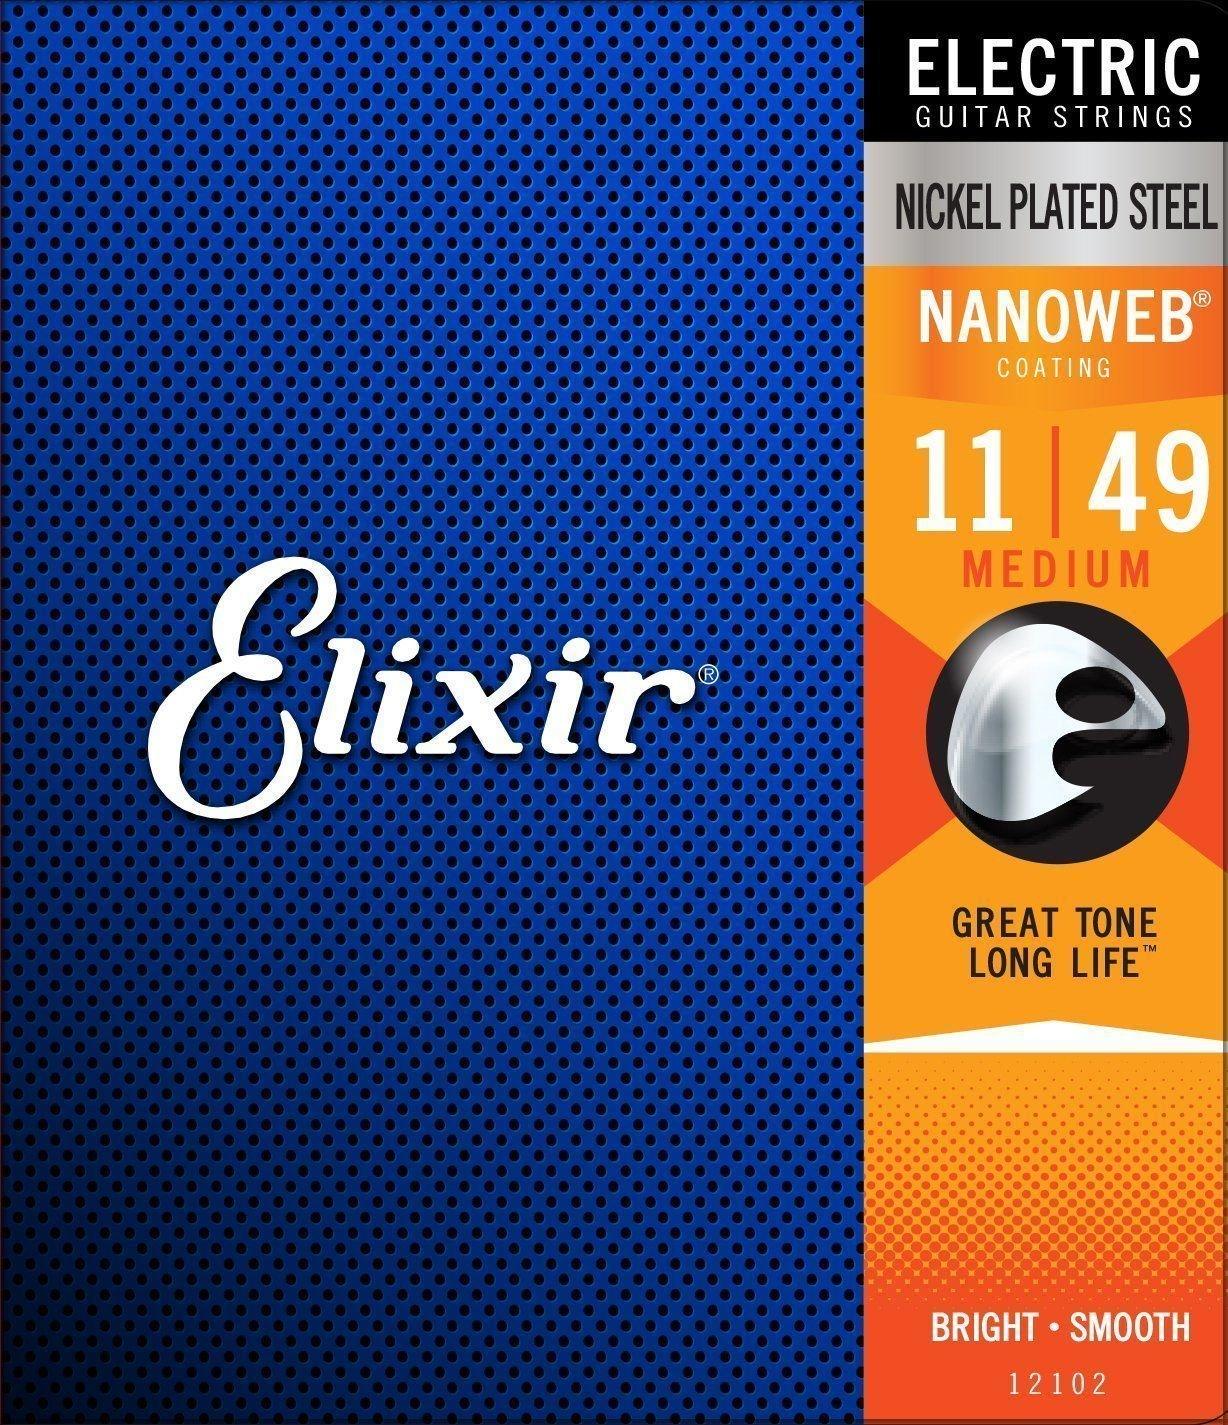 Elixir 12102